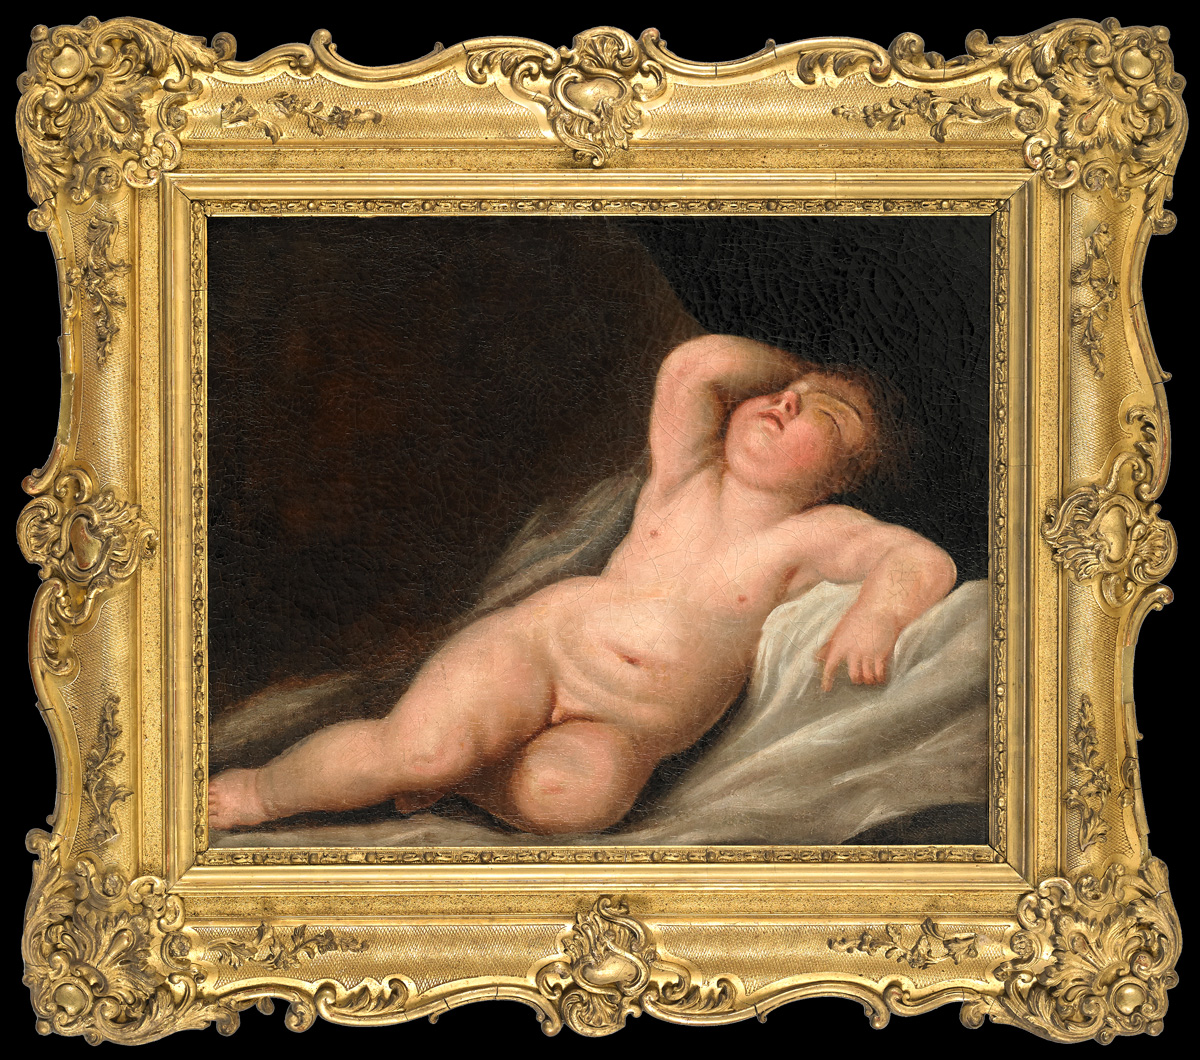 Représentation De Cupidon Dans Son Sommeil. Suiveur De Jacques-antoine Vallin